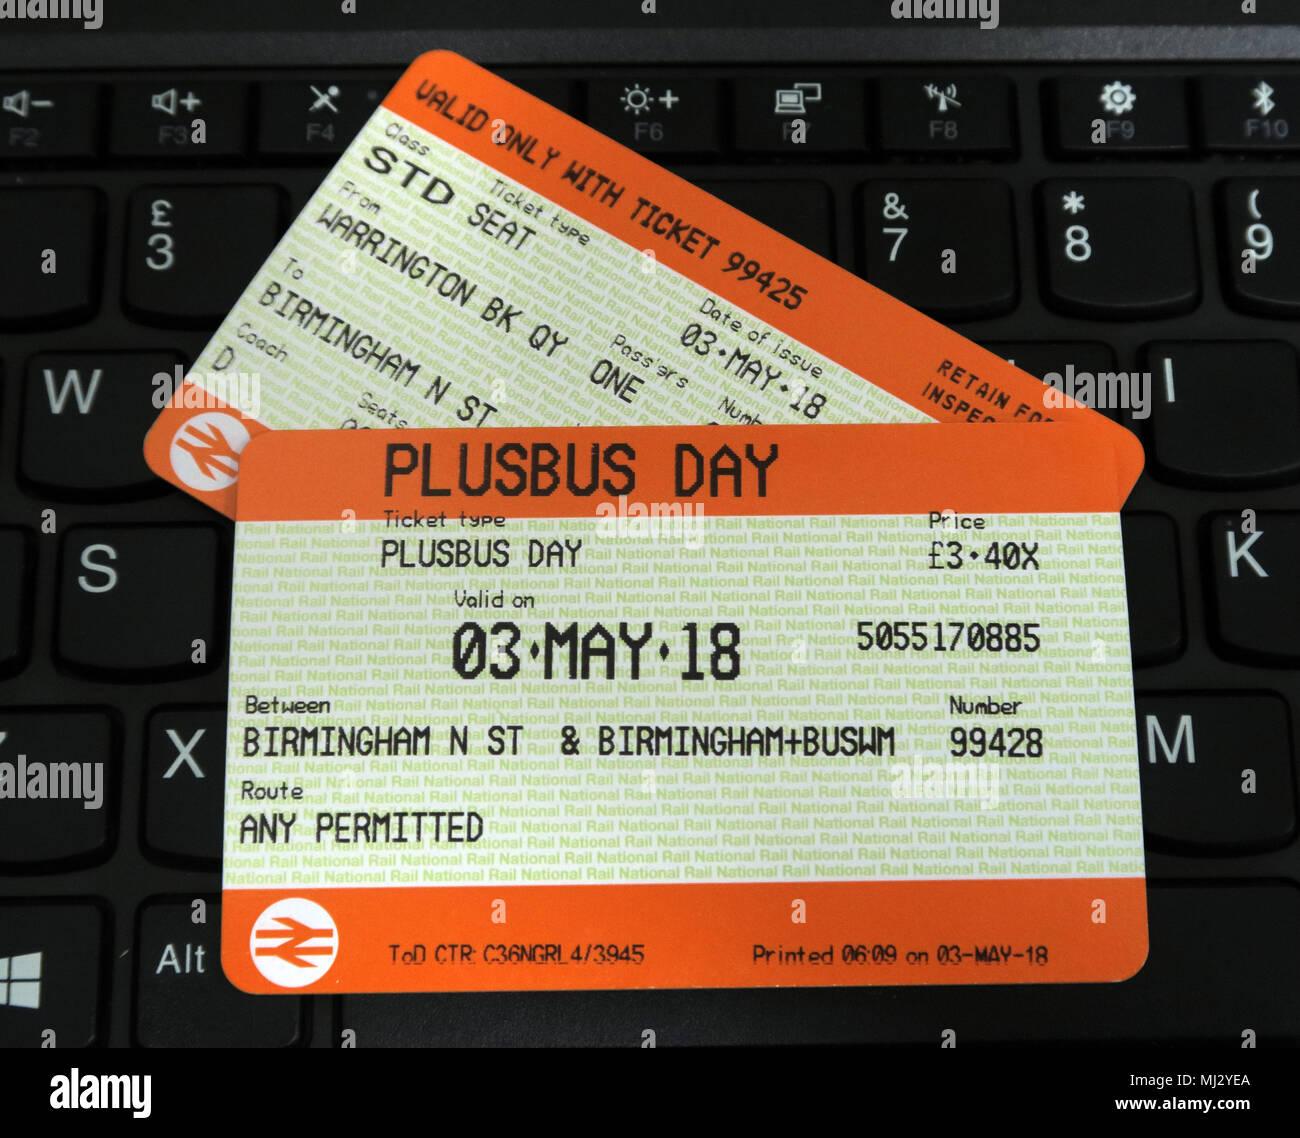 Laden Sie dieses Alamy Stockfoto Plusbus Rail Ticket und Bus Reisen für Birmingham auf WM reisen, Großbritannien - MJ2YEA